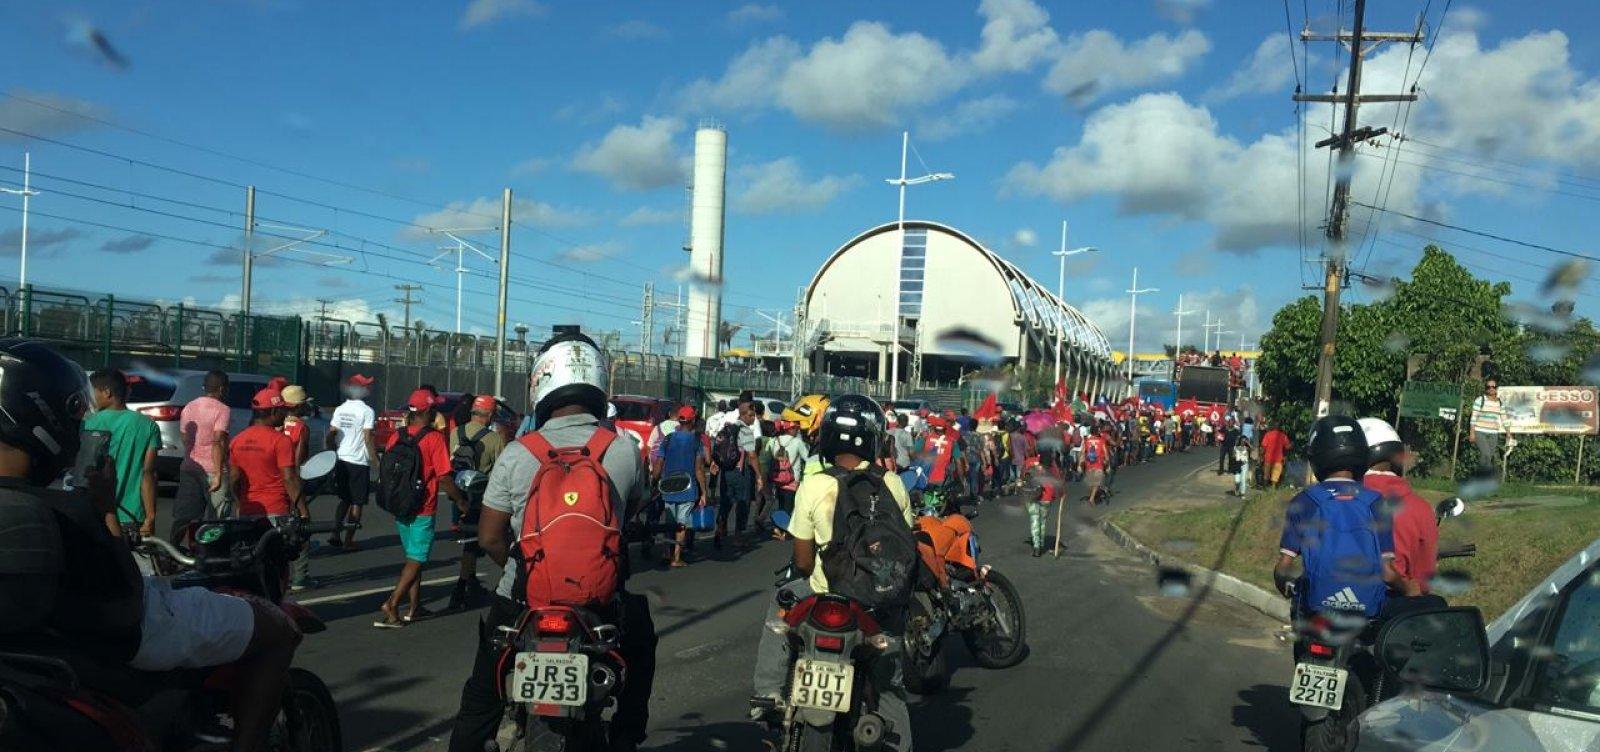 Protesto de integrantes do MST complica trânsito em Salvador; veja vídeo